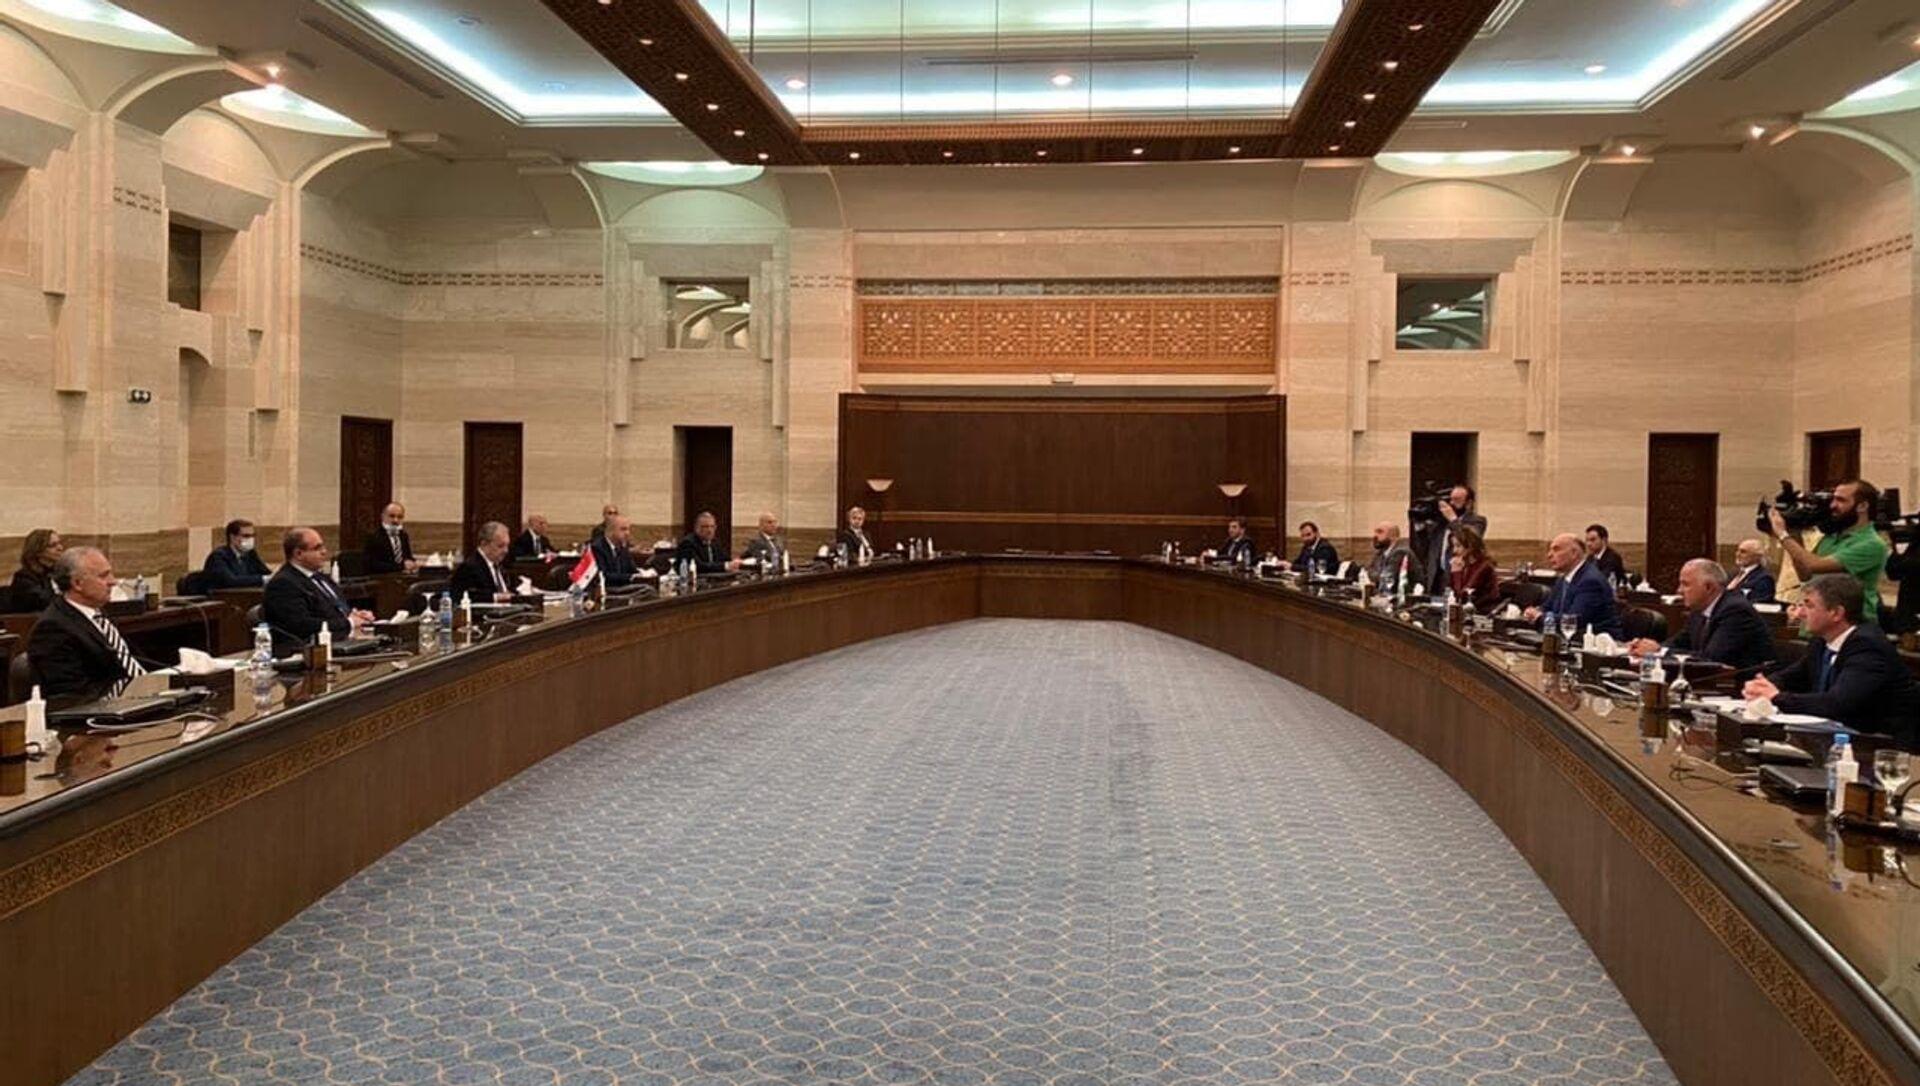 Кристина Озган подписала Соглашение о сотрудничестве между сирийскими и абхазскими портами - Sputnik Аҧсны, 1920, 18.05.2021